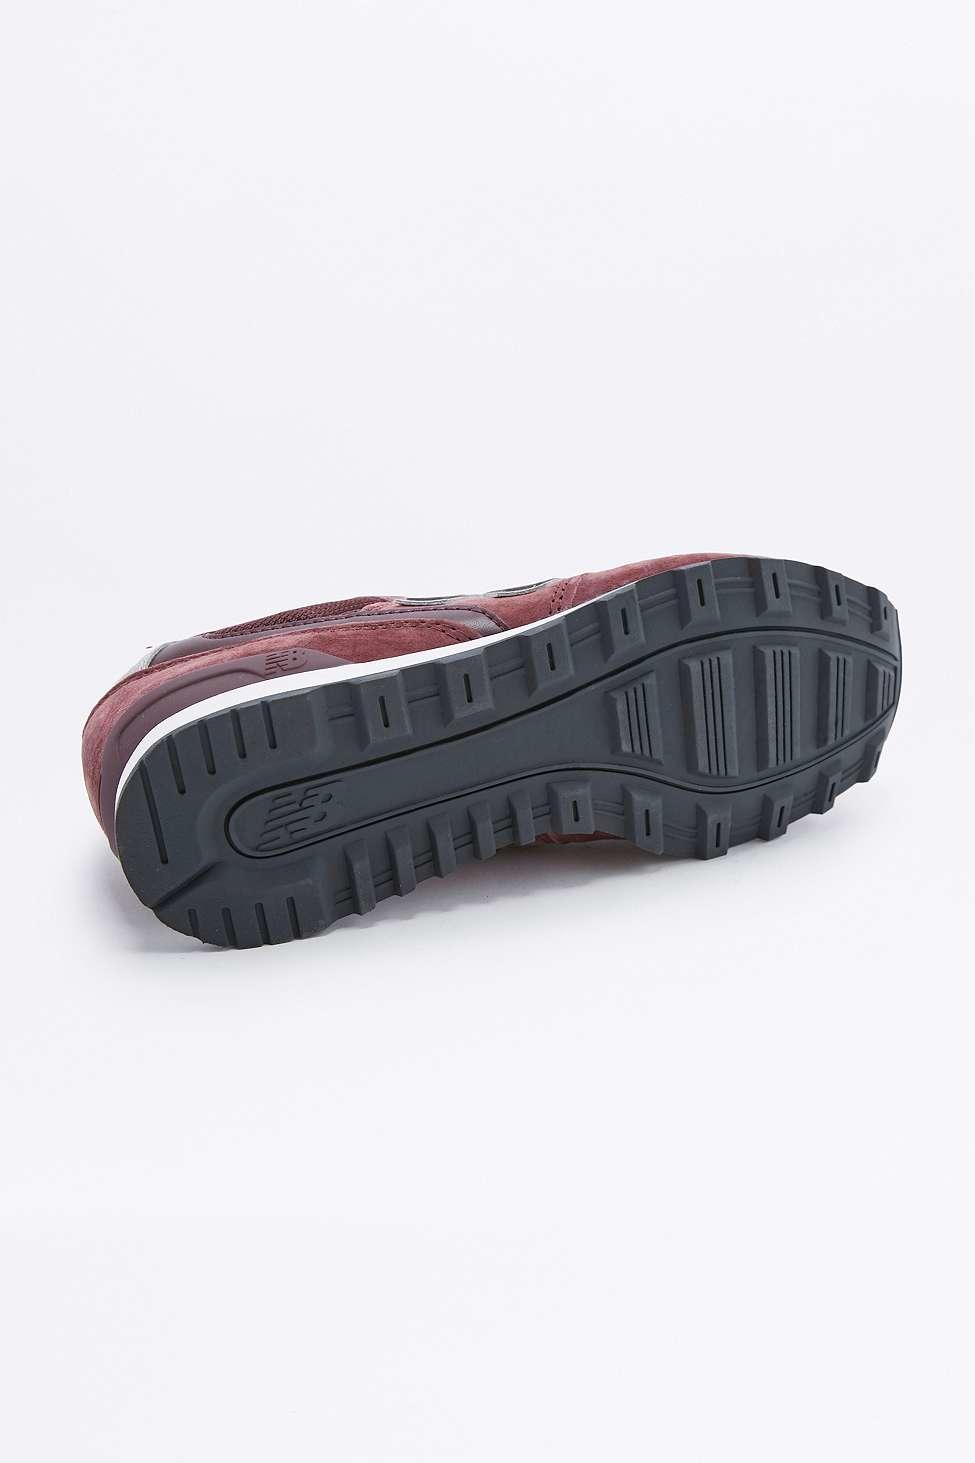 Saucony Women S Running Shoes Maroon Suede